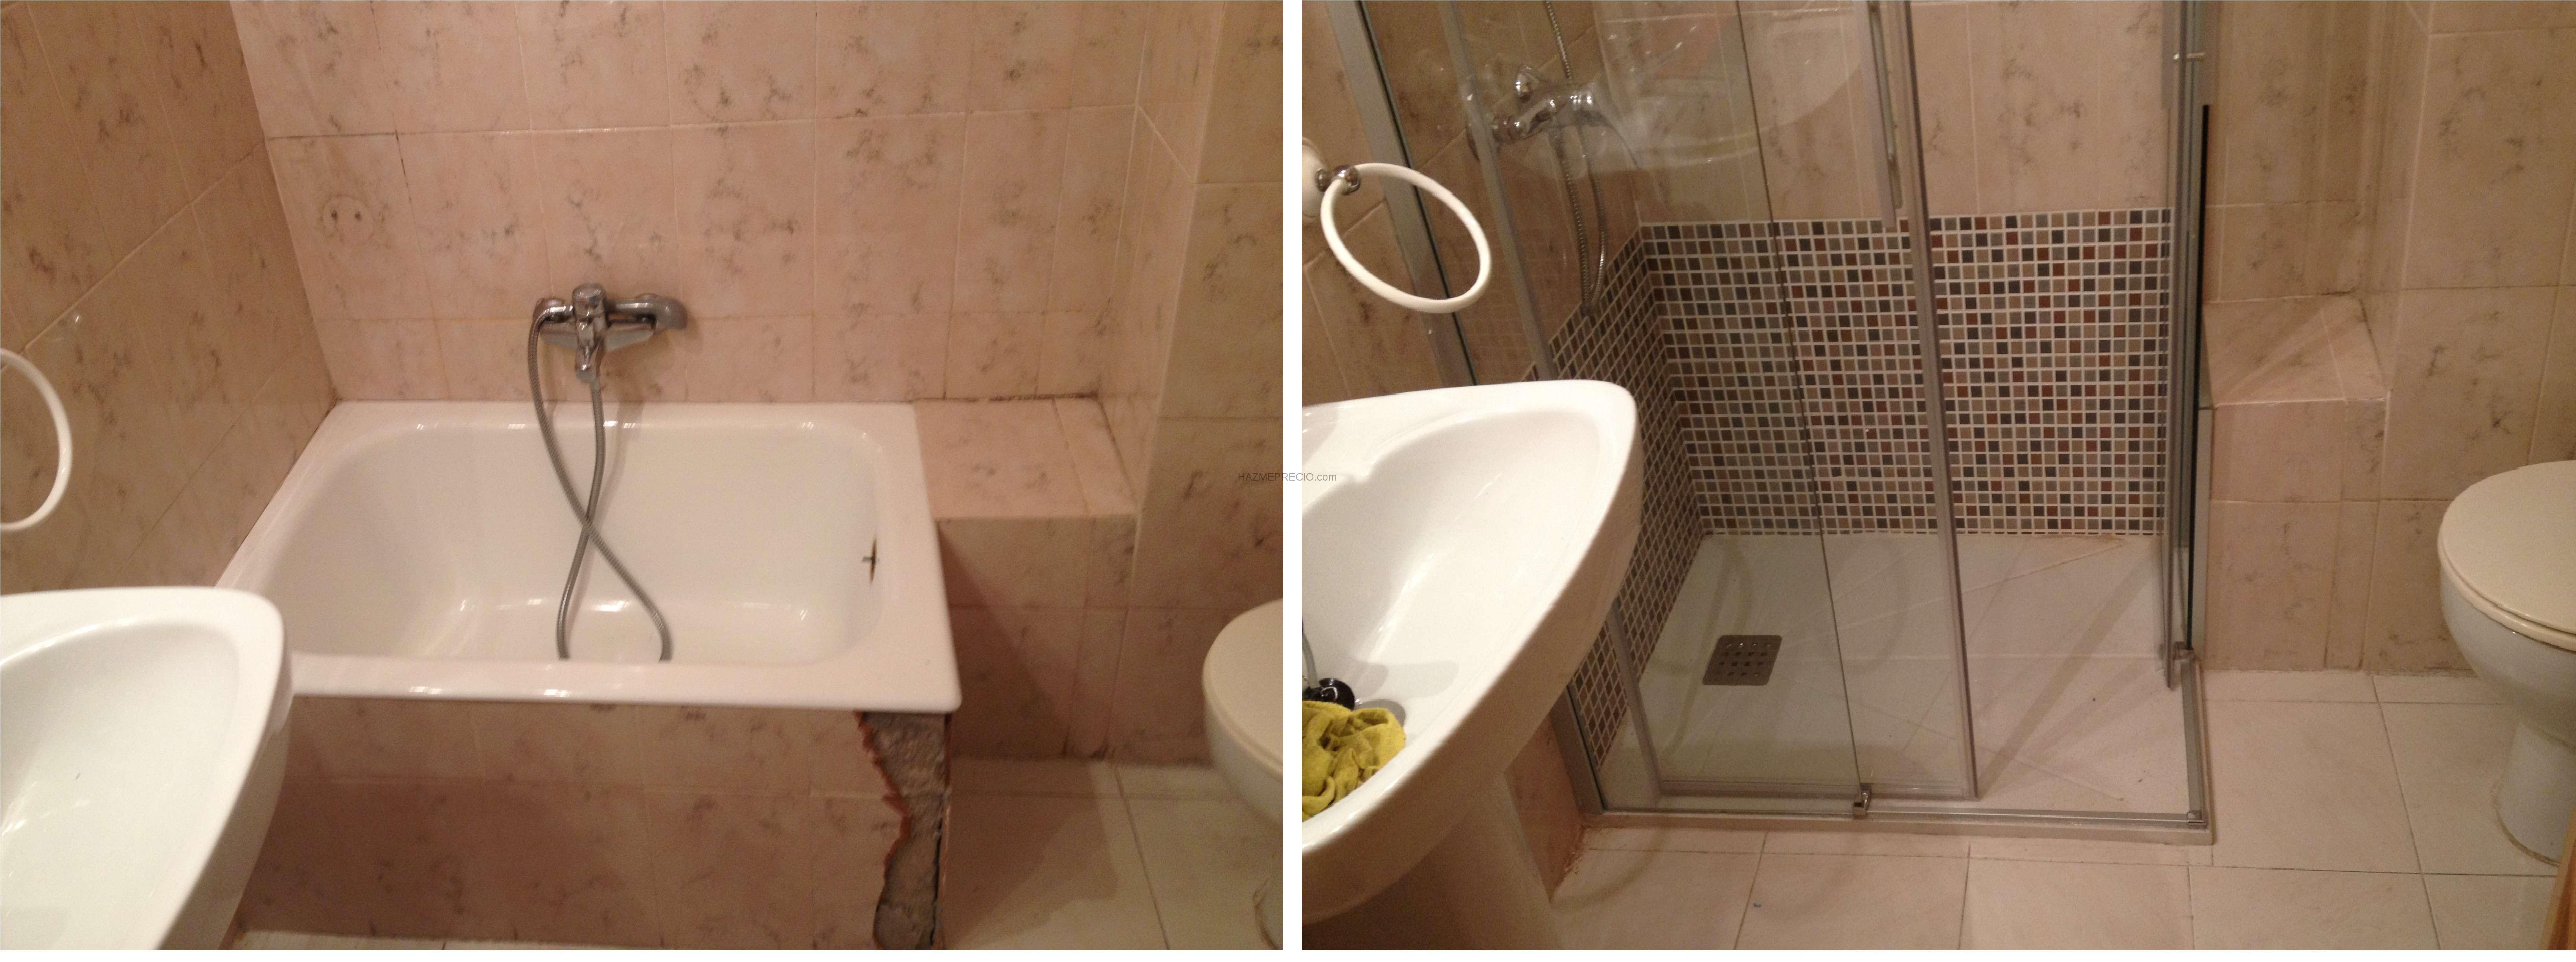 Cambio de ba era por un plato de ducha en laracha a - Cambio plato de ducha por banera ...